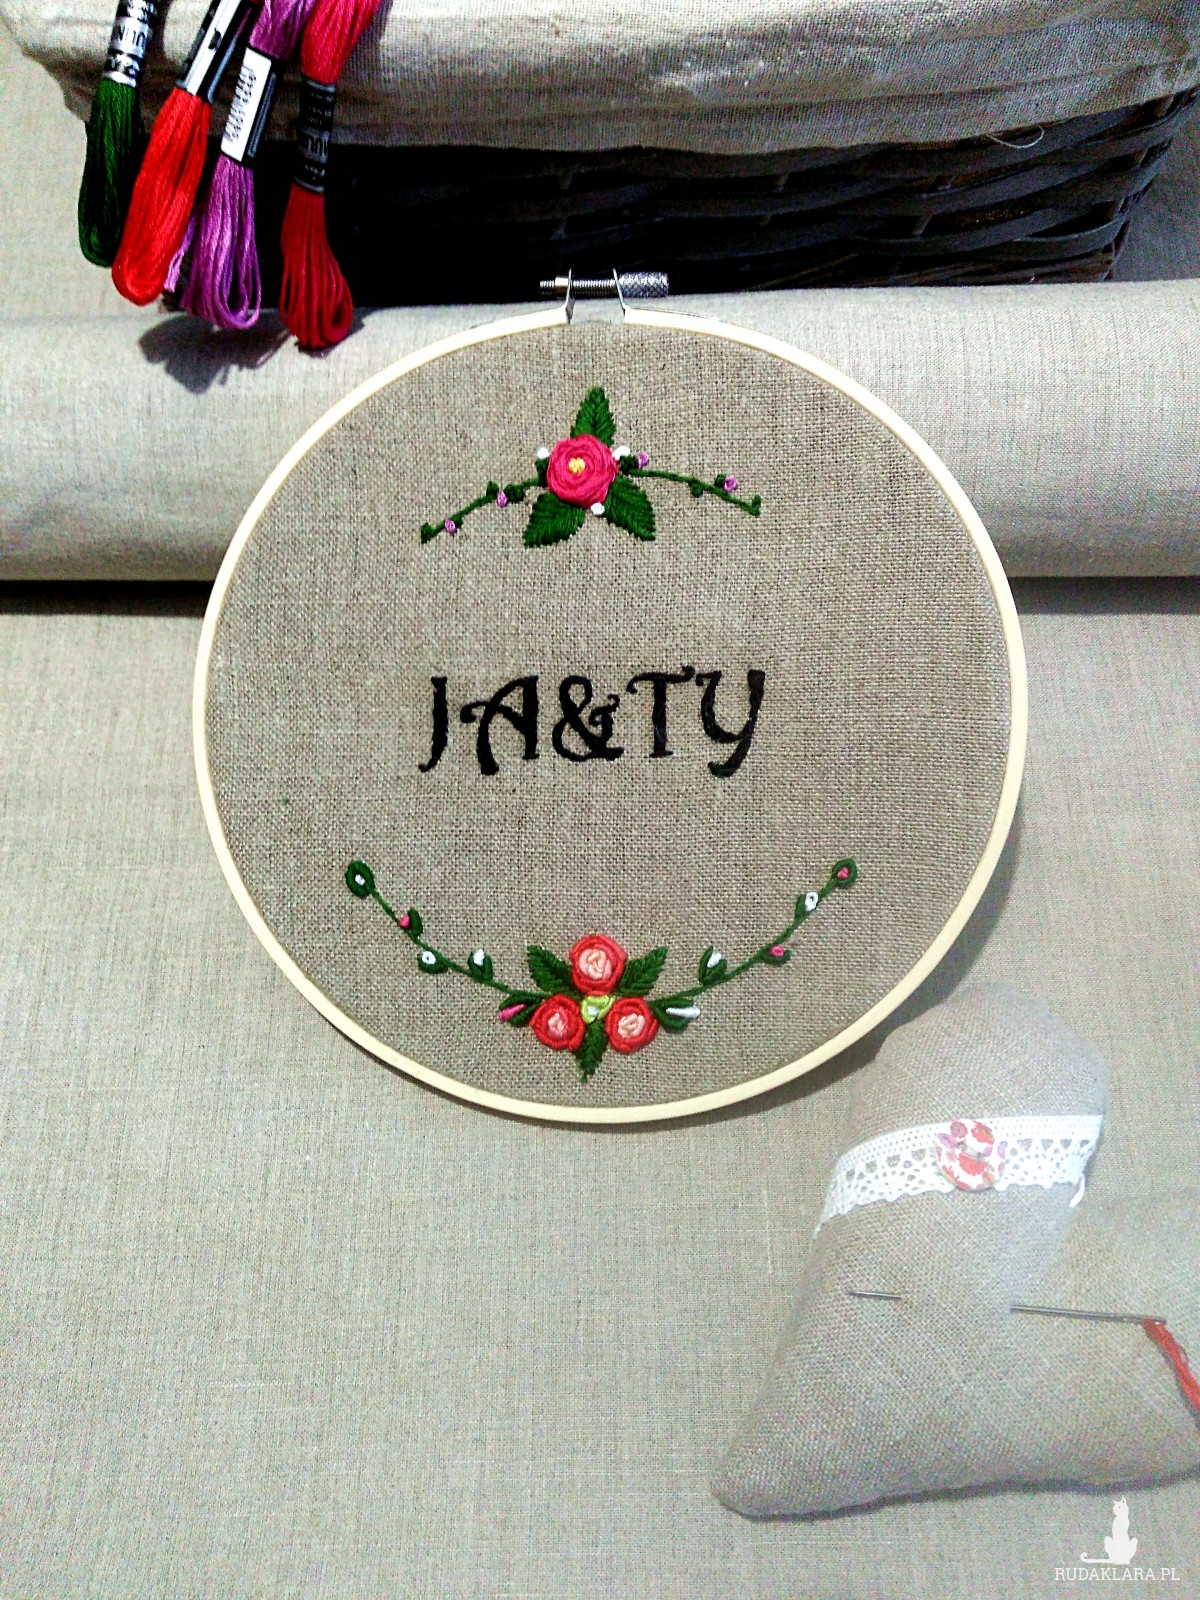 Tamborek haftowany - haft ręczny dowolny napis